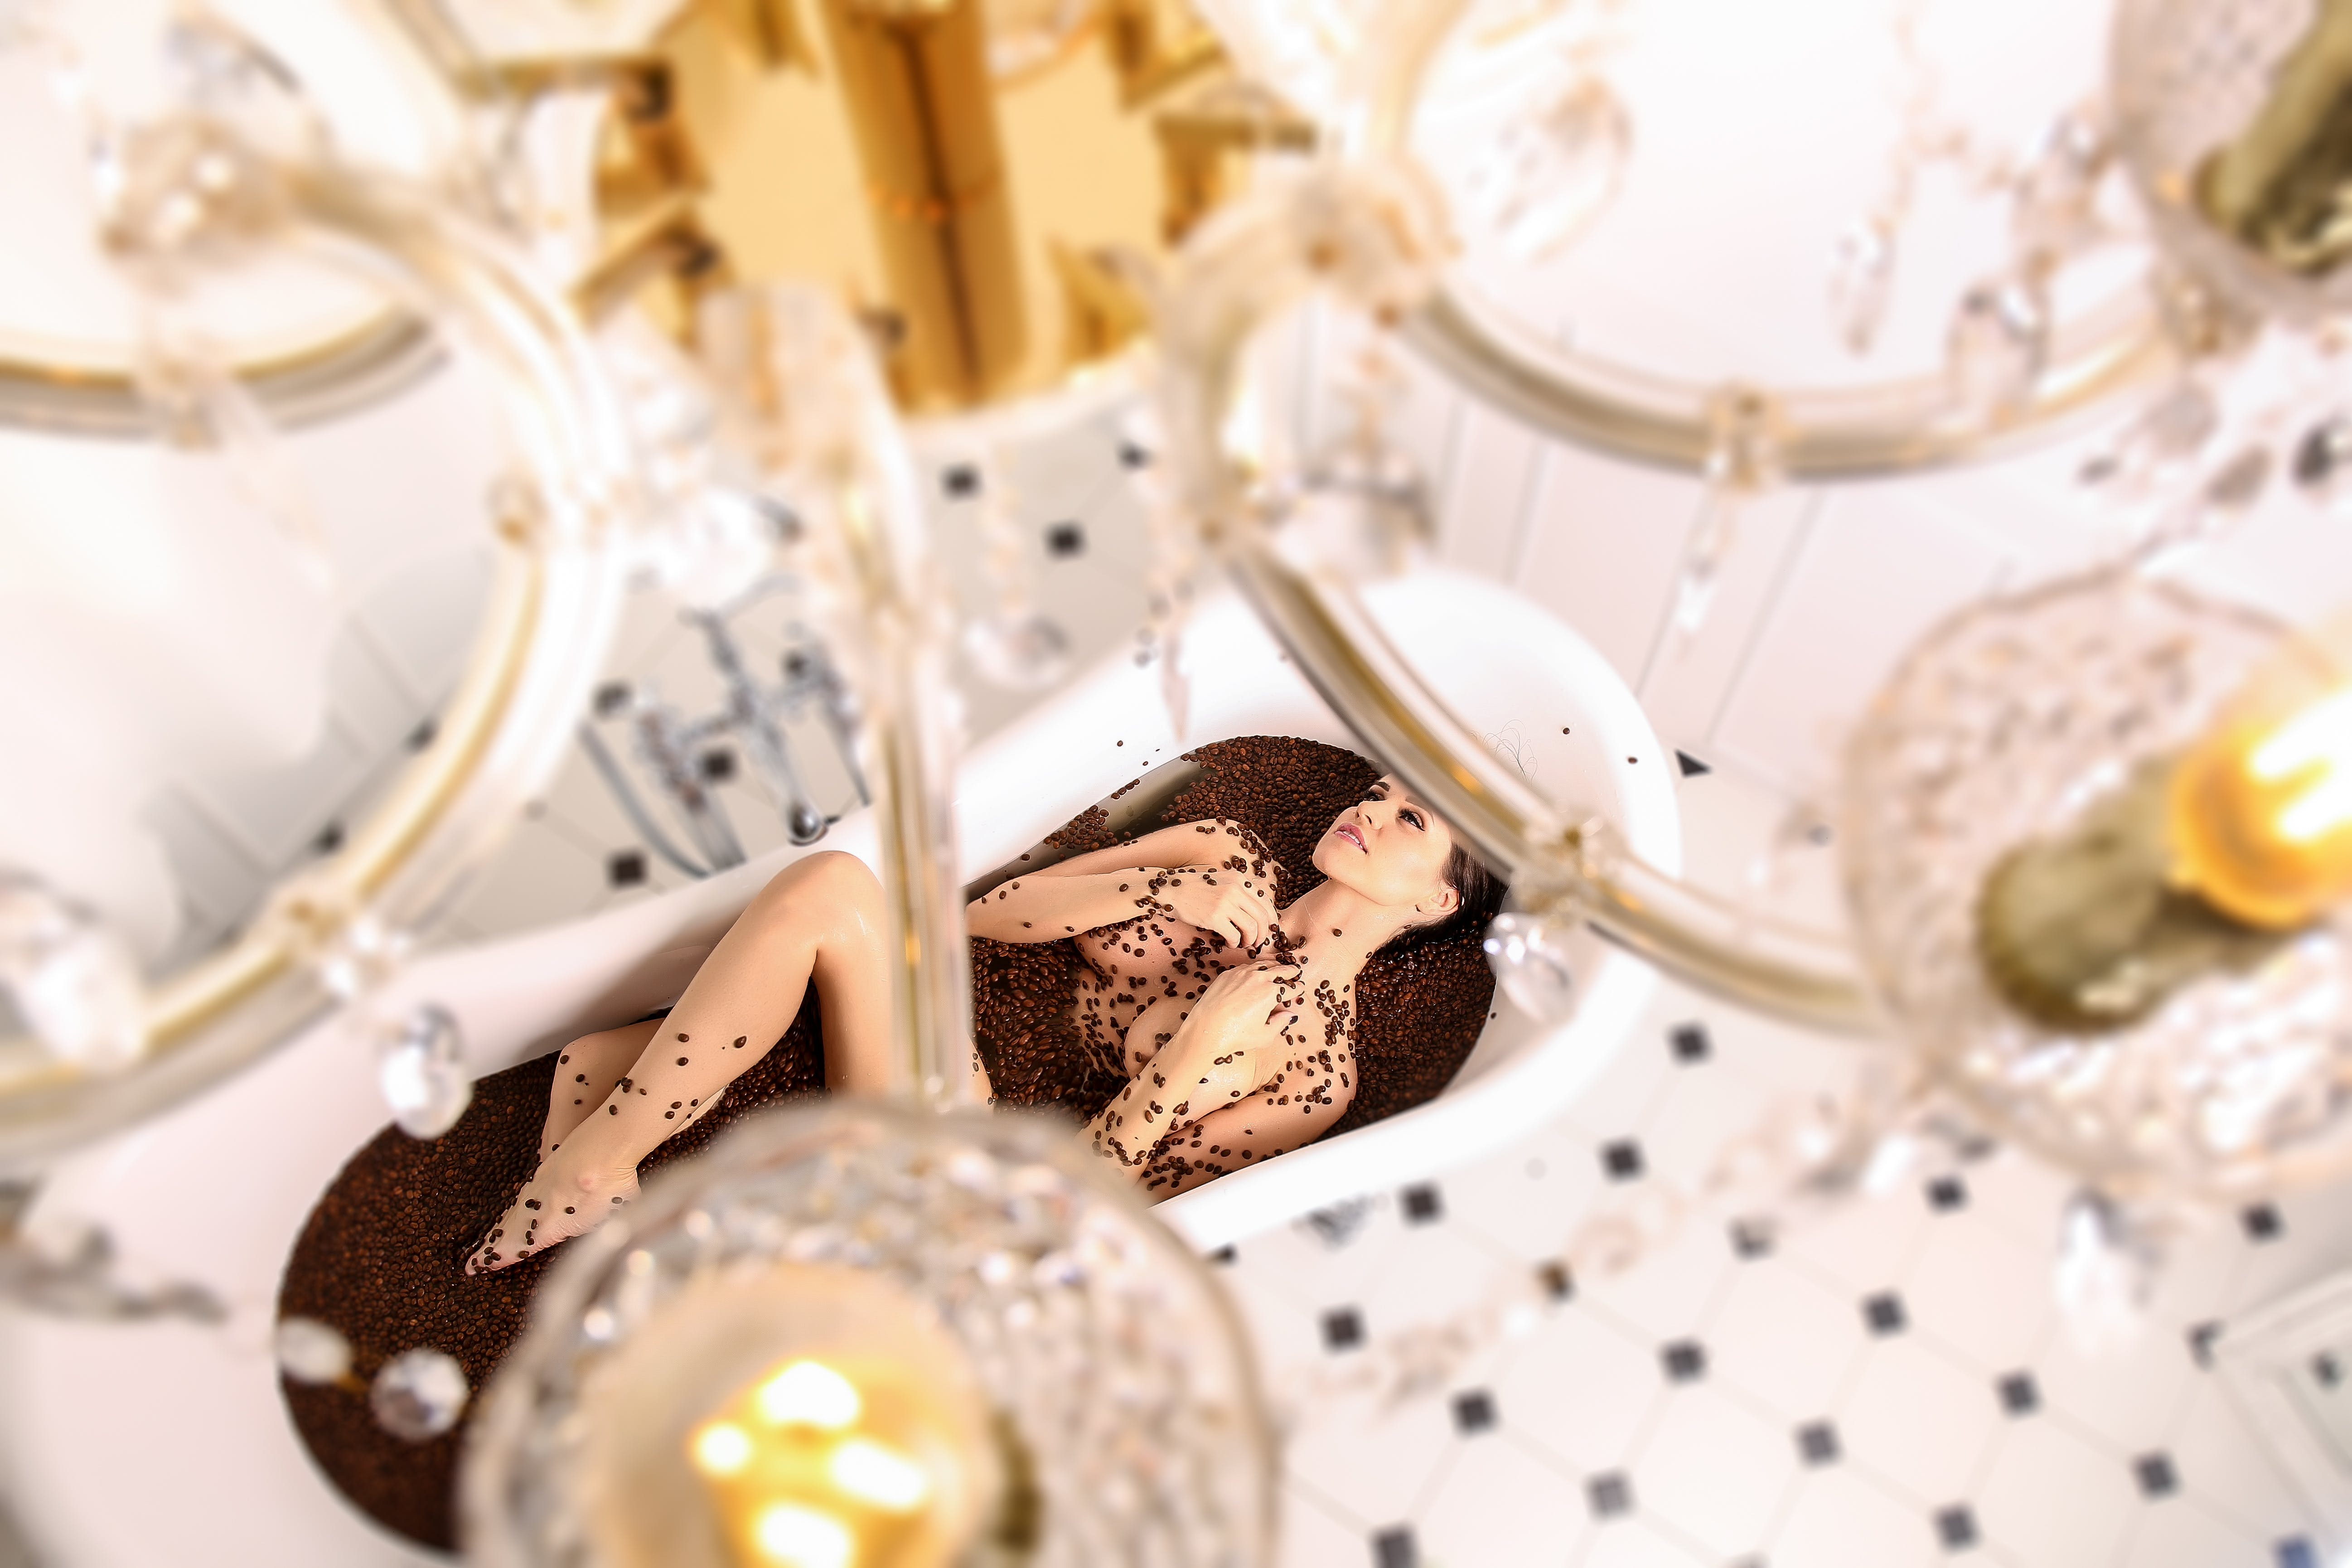 Kostenloses Stock Foto zu glas, schokolade, dekoration, stillleben